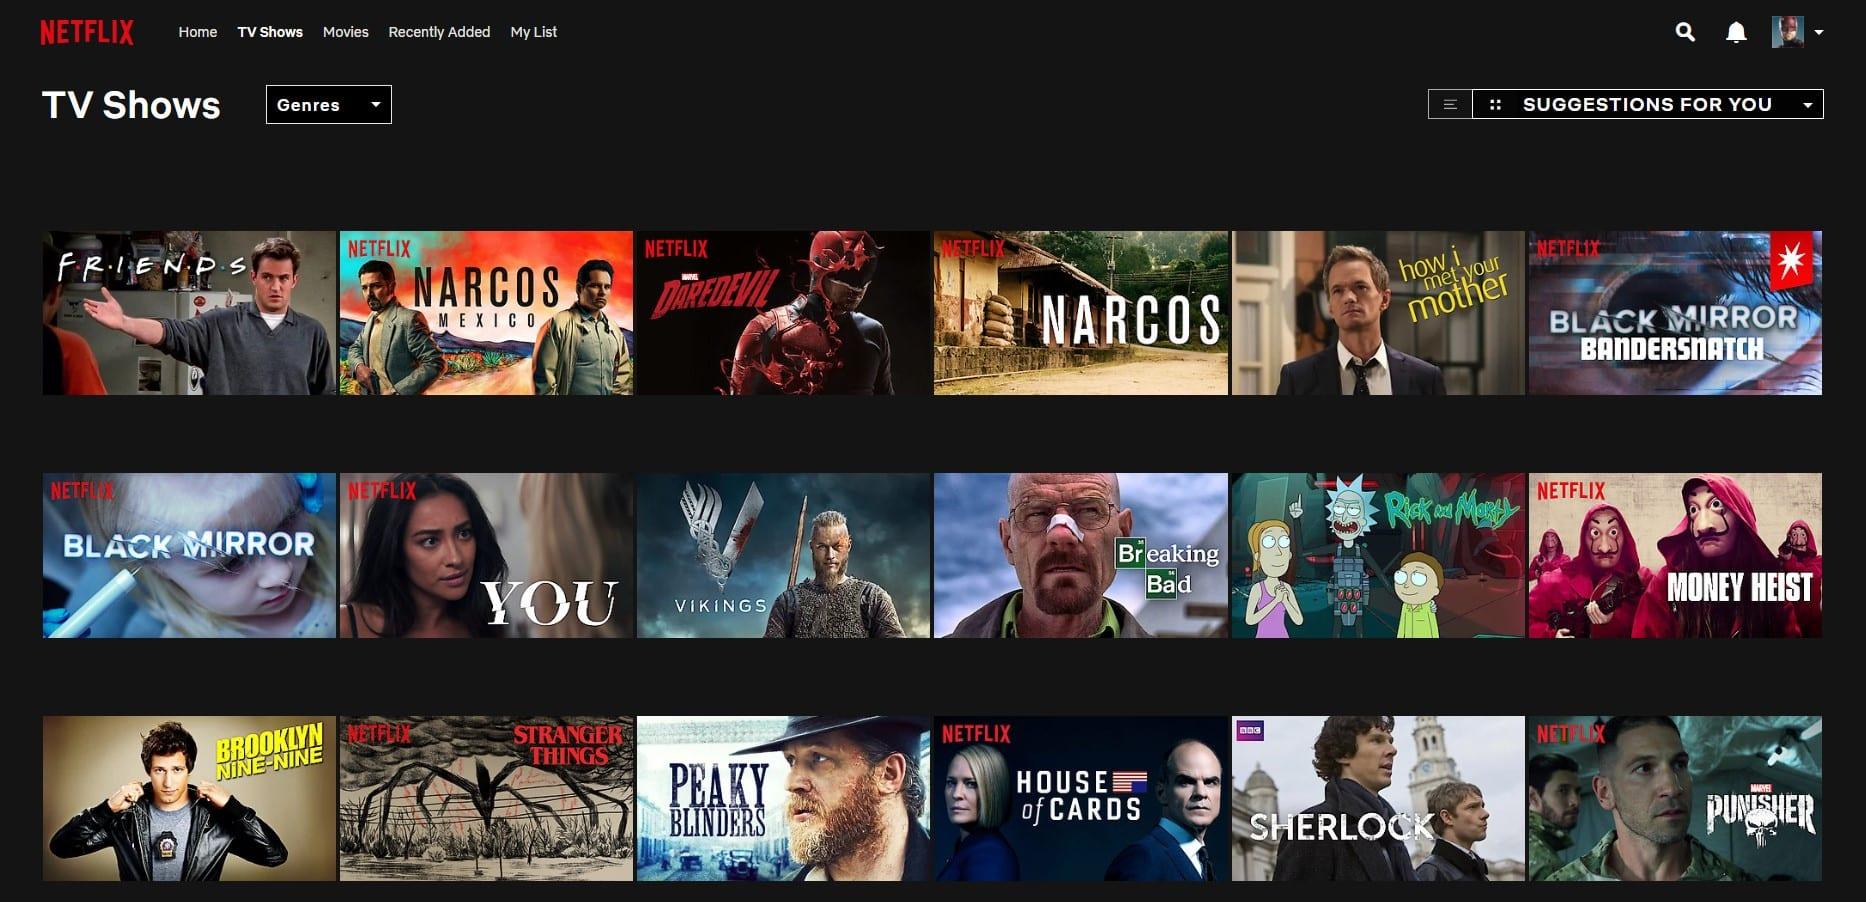 Dostaneme od Netflixu aspoň české titulky